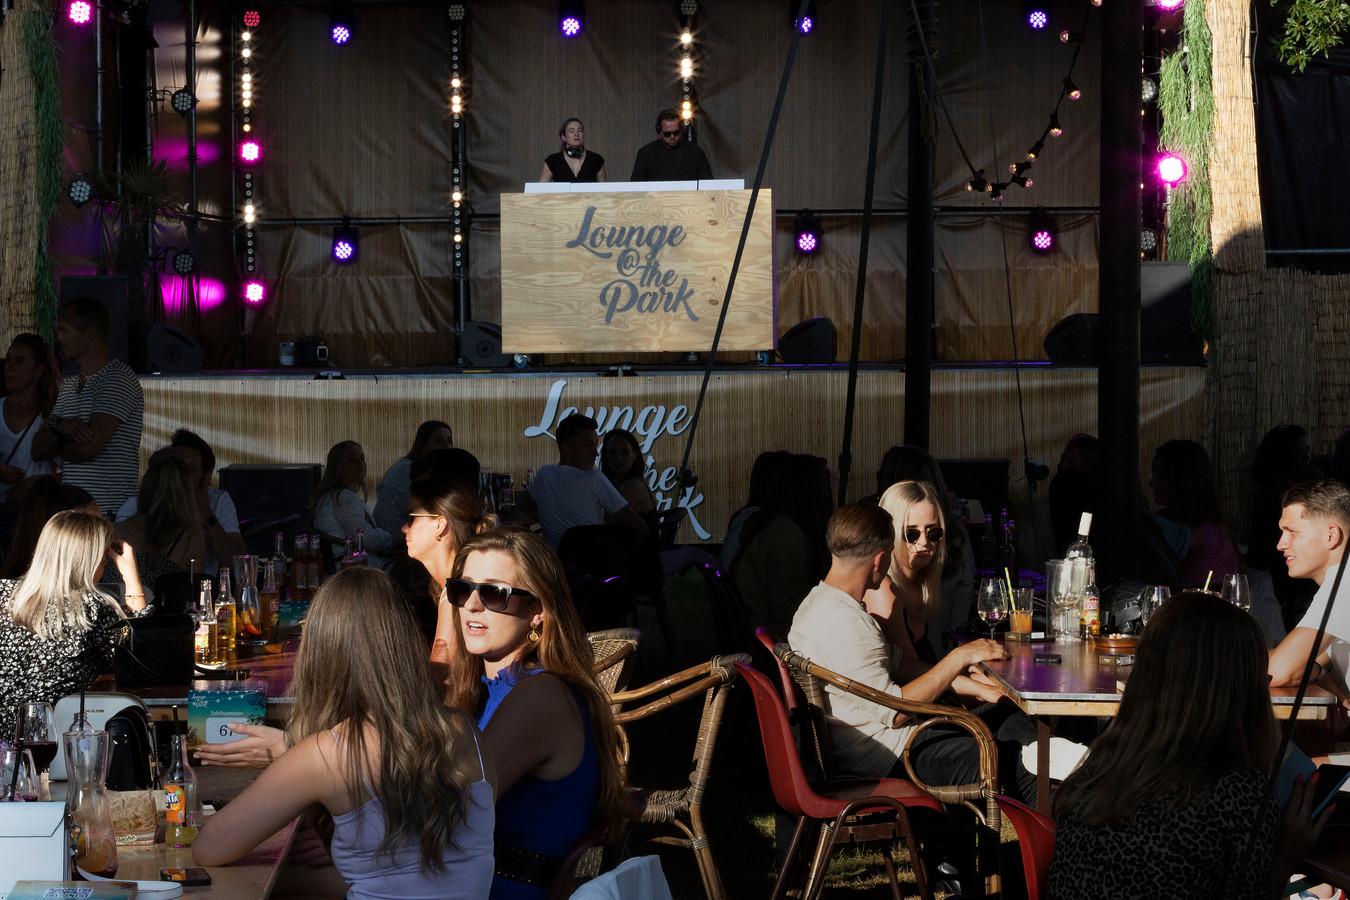 Lounge @ the Park, een festival in Veldhoven waar publiek toch echt de billen op de stoelen moet houden.